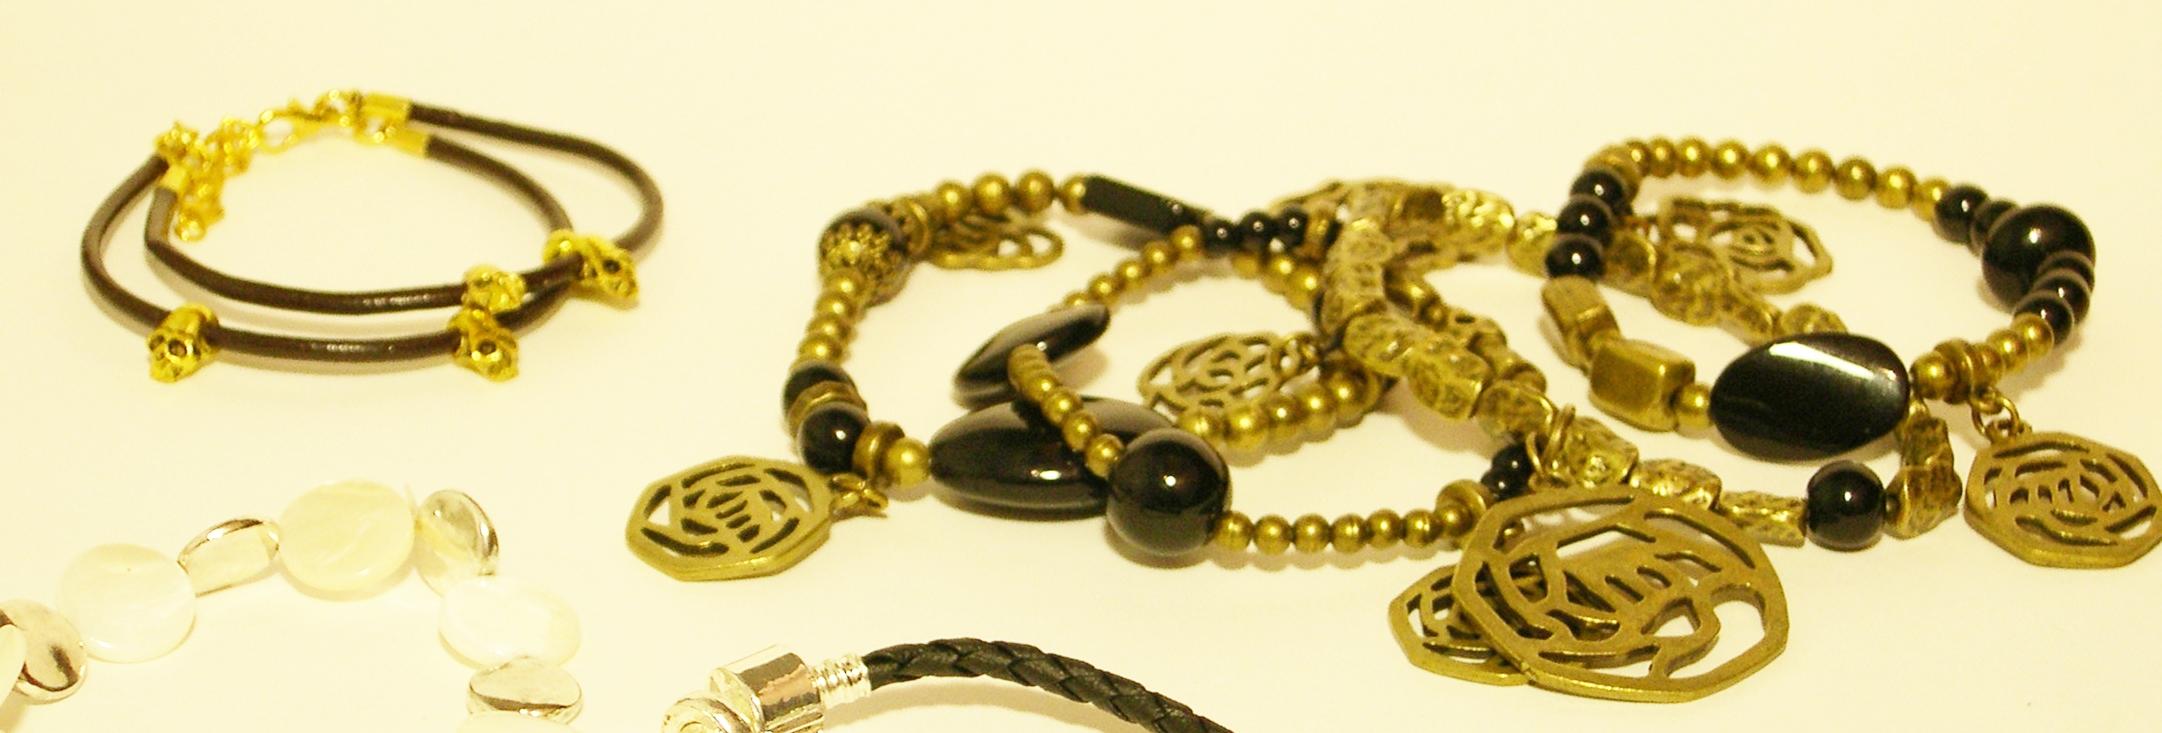 pulseras de bisuteria de mujer doradas